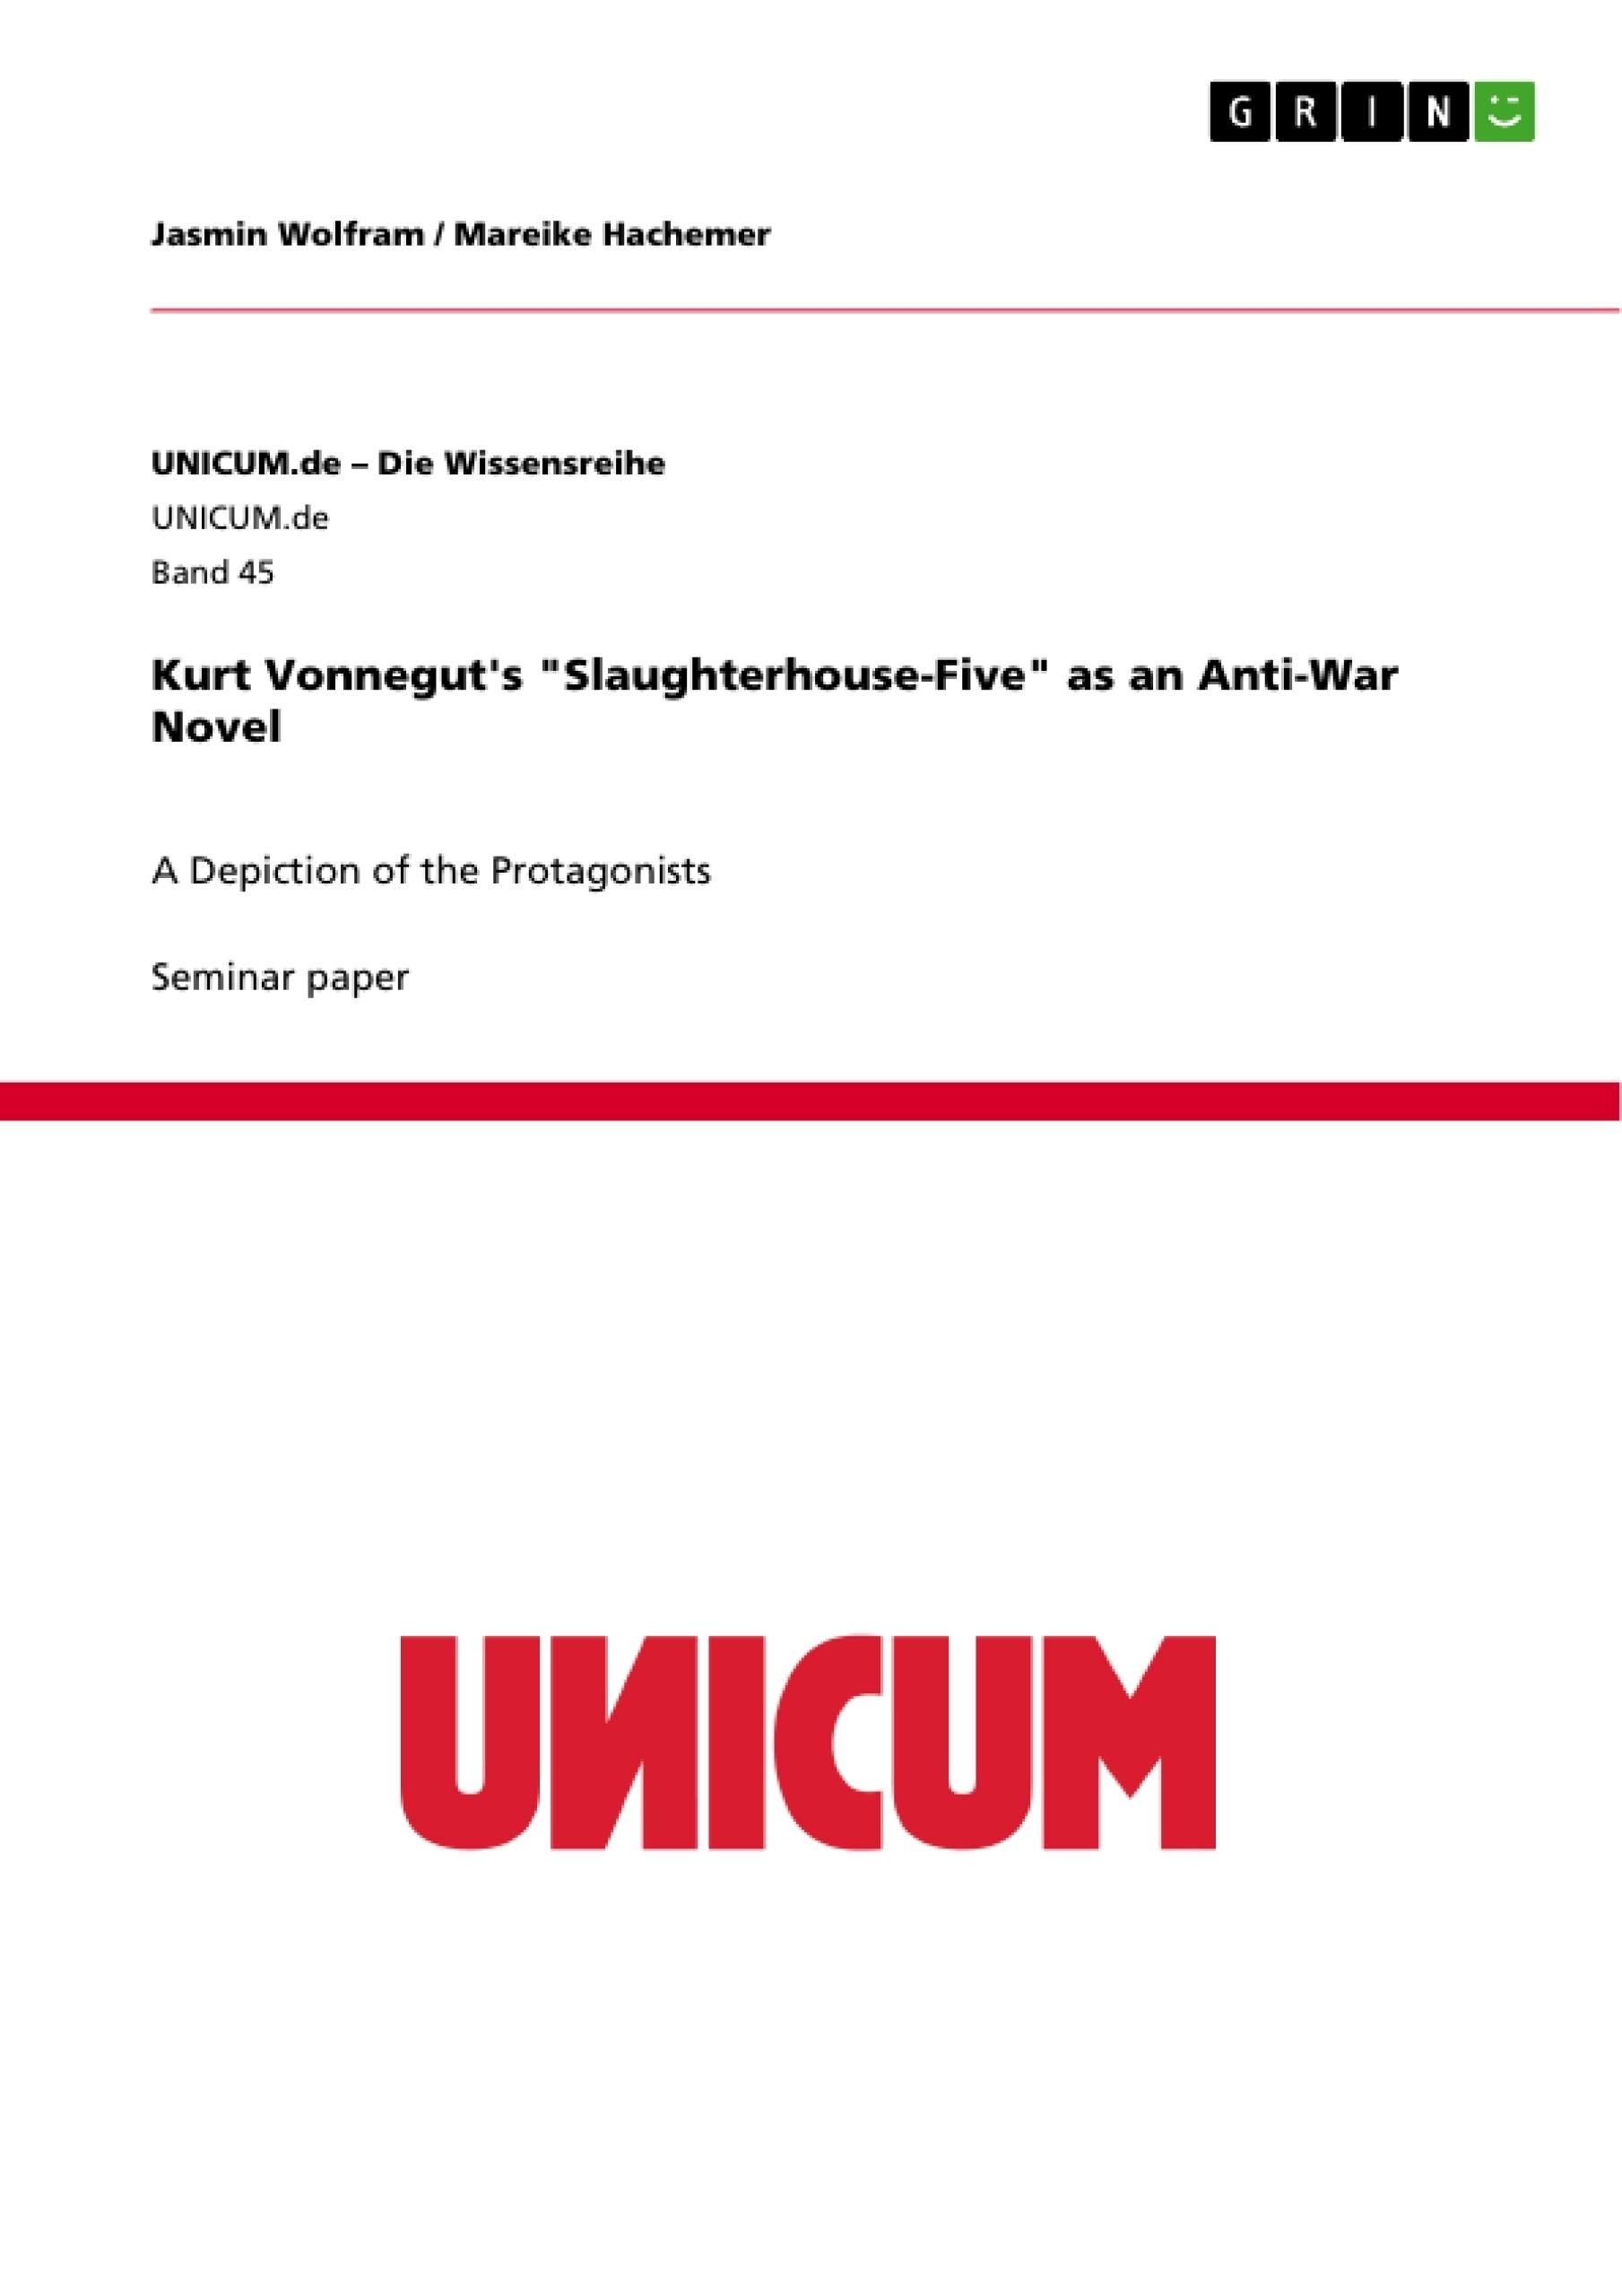 """Title: Kurt Vonnegut's """"Slaughterhouse-Five"""" as an Anti-War Novel"""